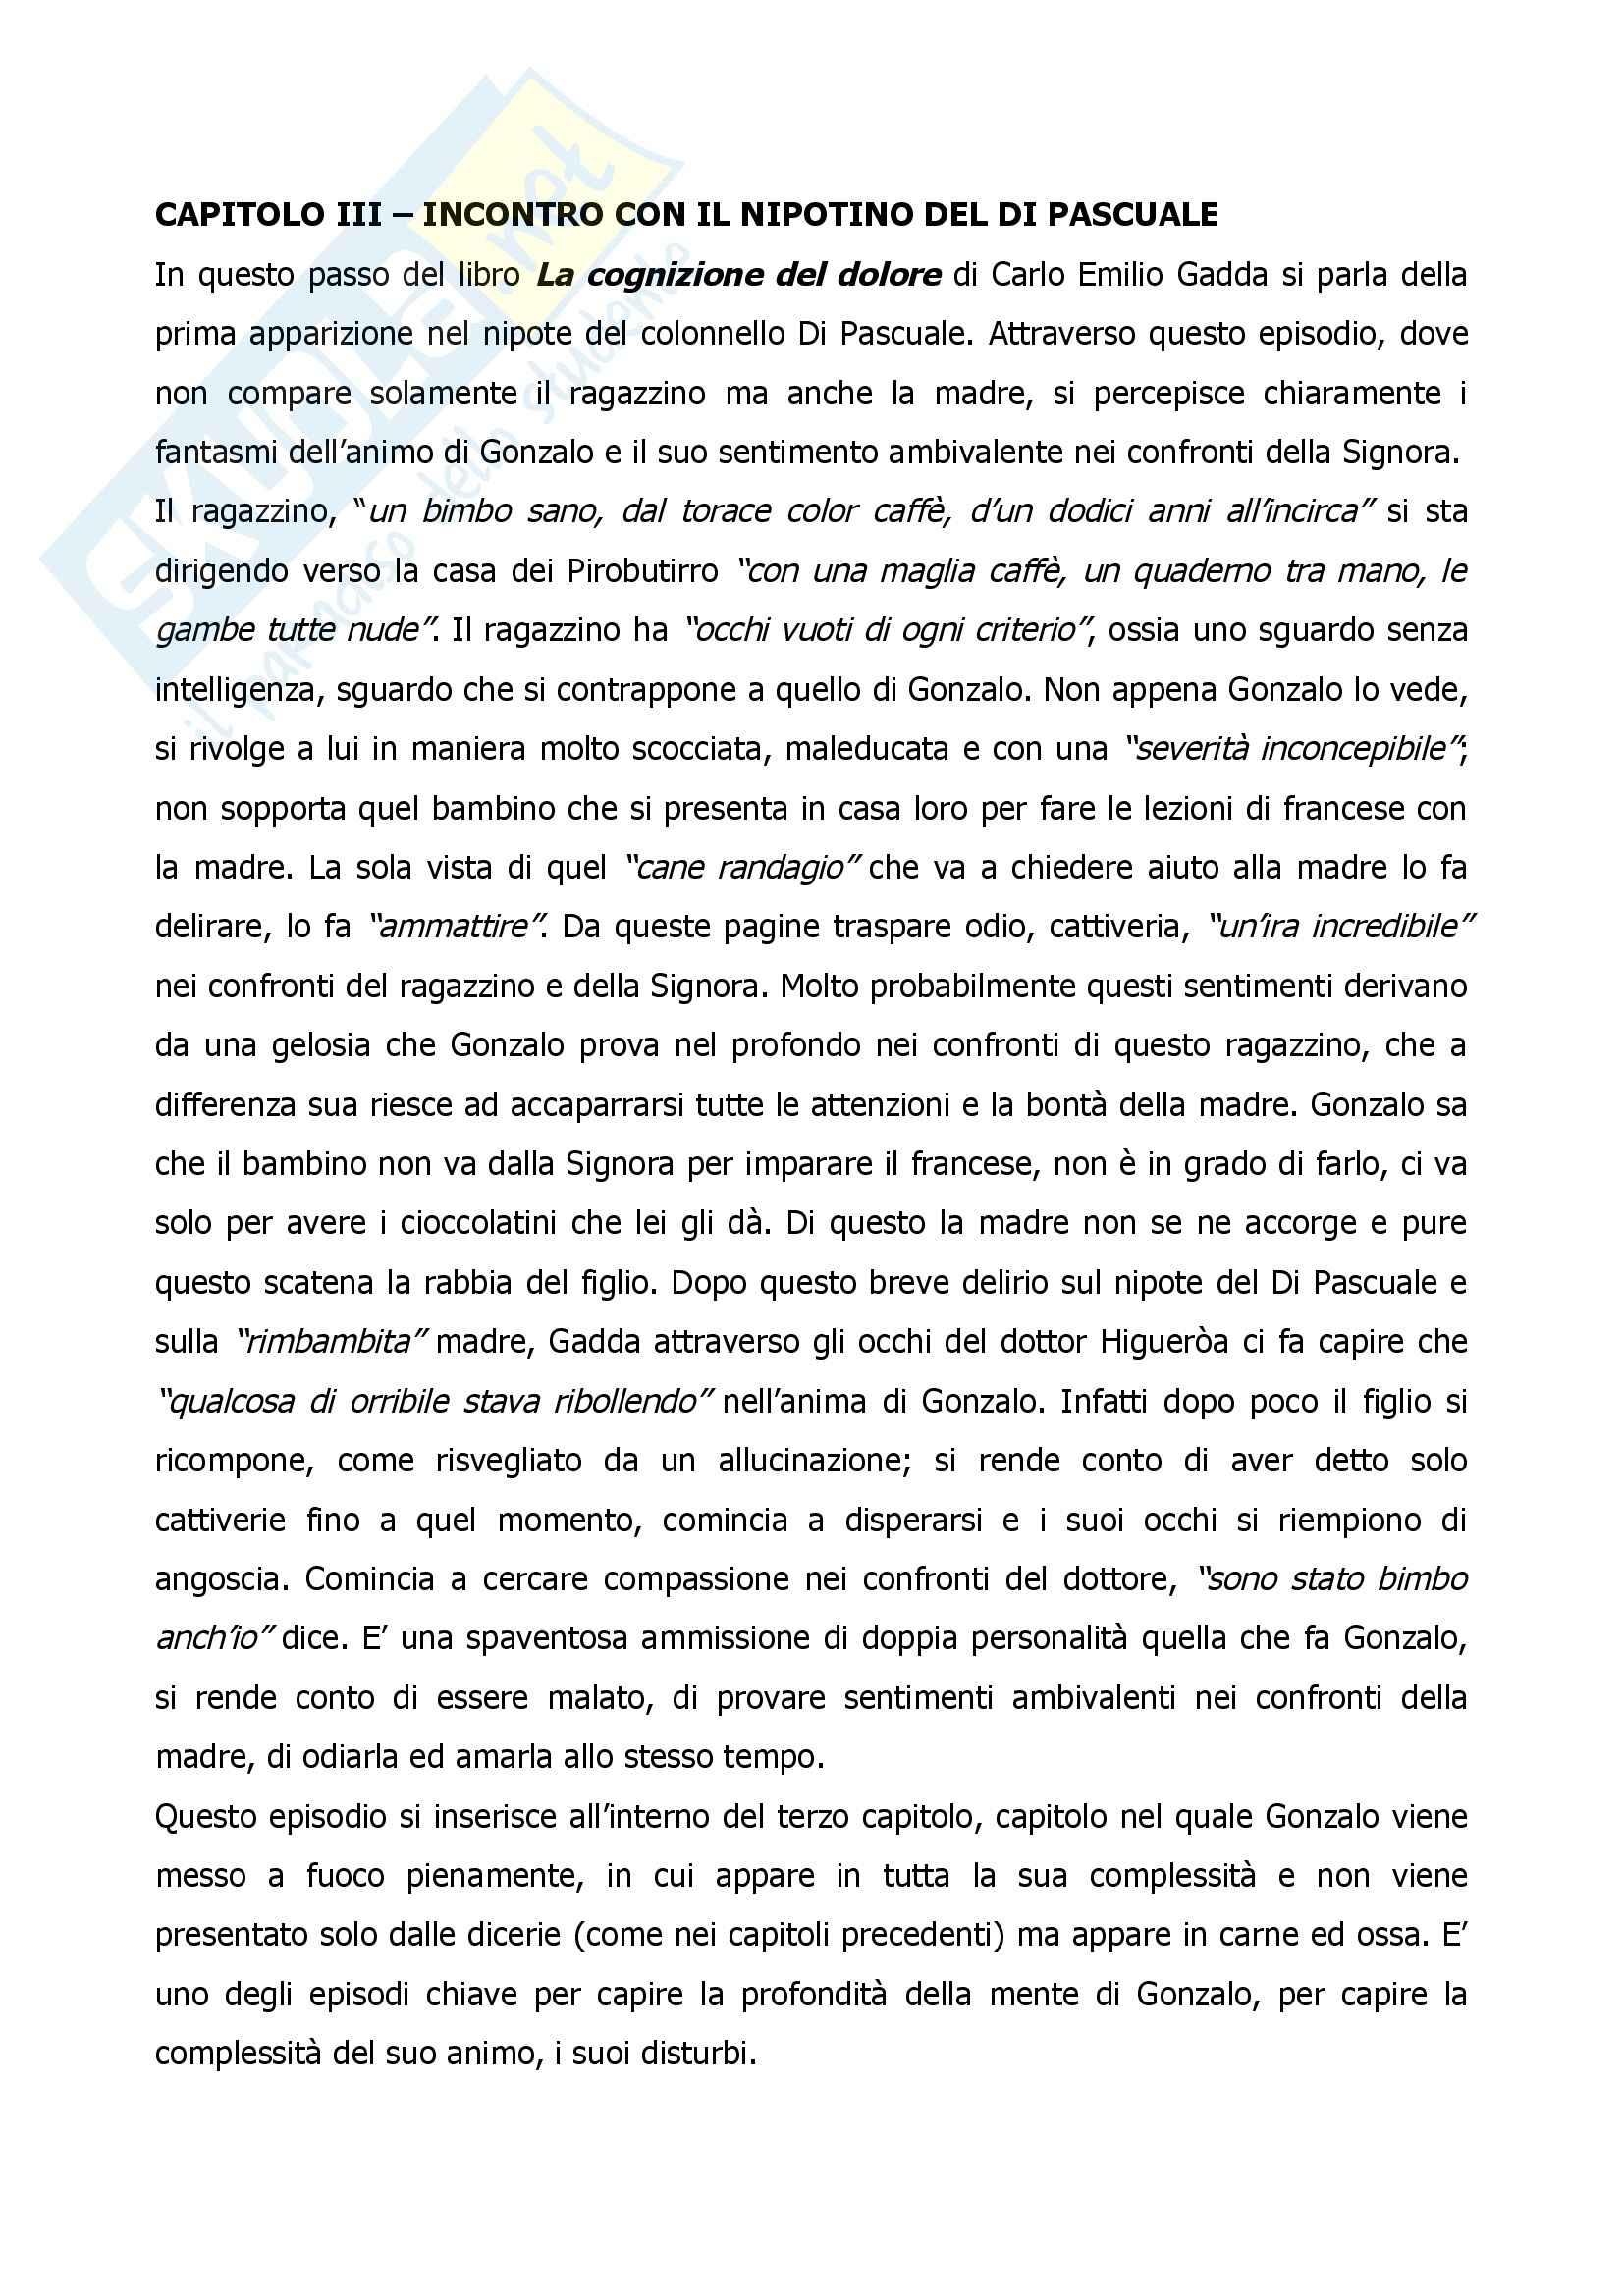 Gadda, Carlo Emilio - La cognizione del dolore, recensione terzo capitolo